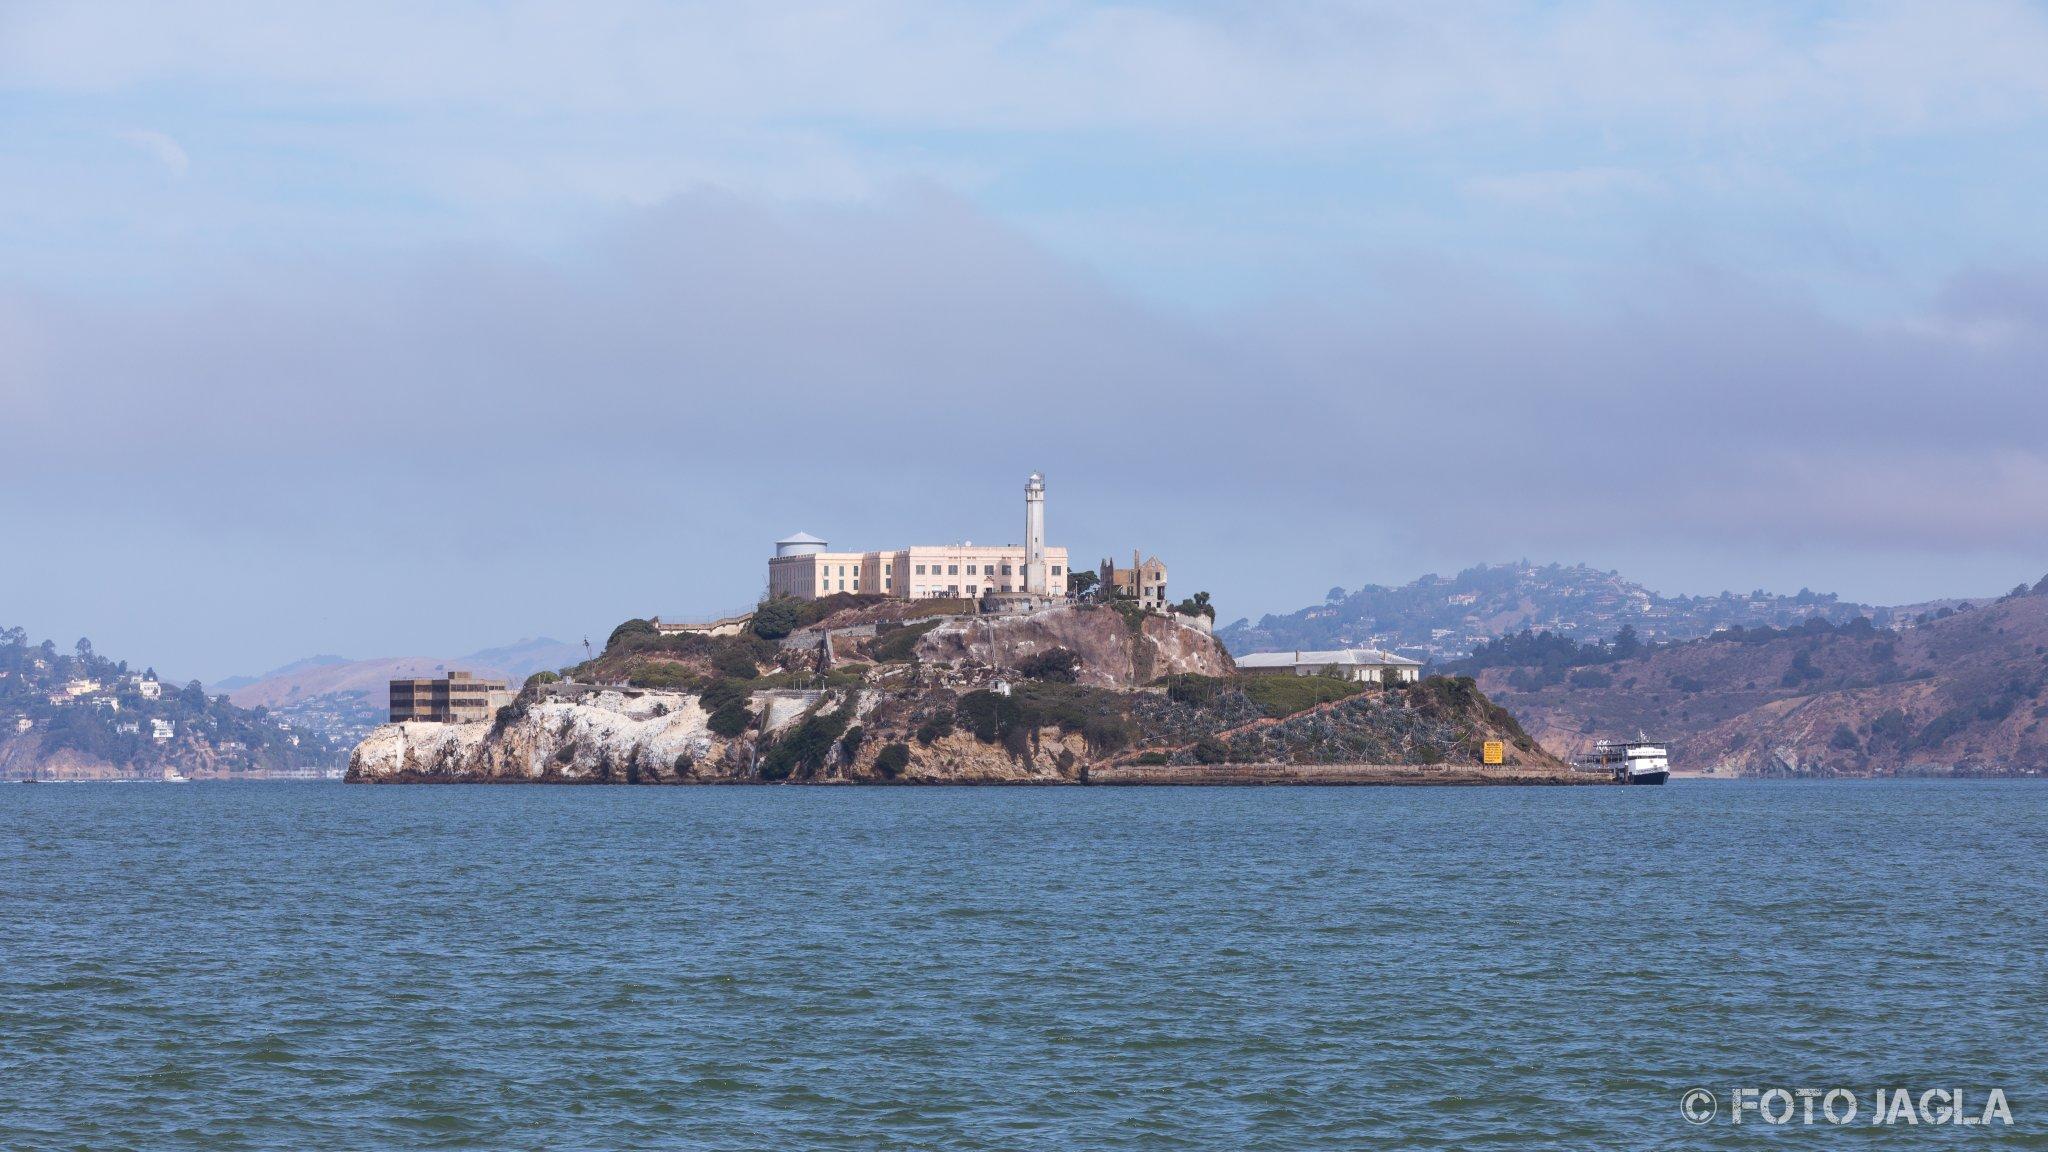 Kalifornien - September 2018 Das ehemalige Hochsicherheitsgefängnis Alcatraz San Francisco - Alcatraz Island